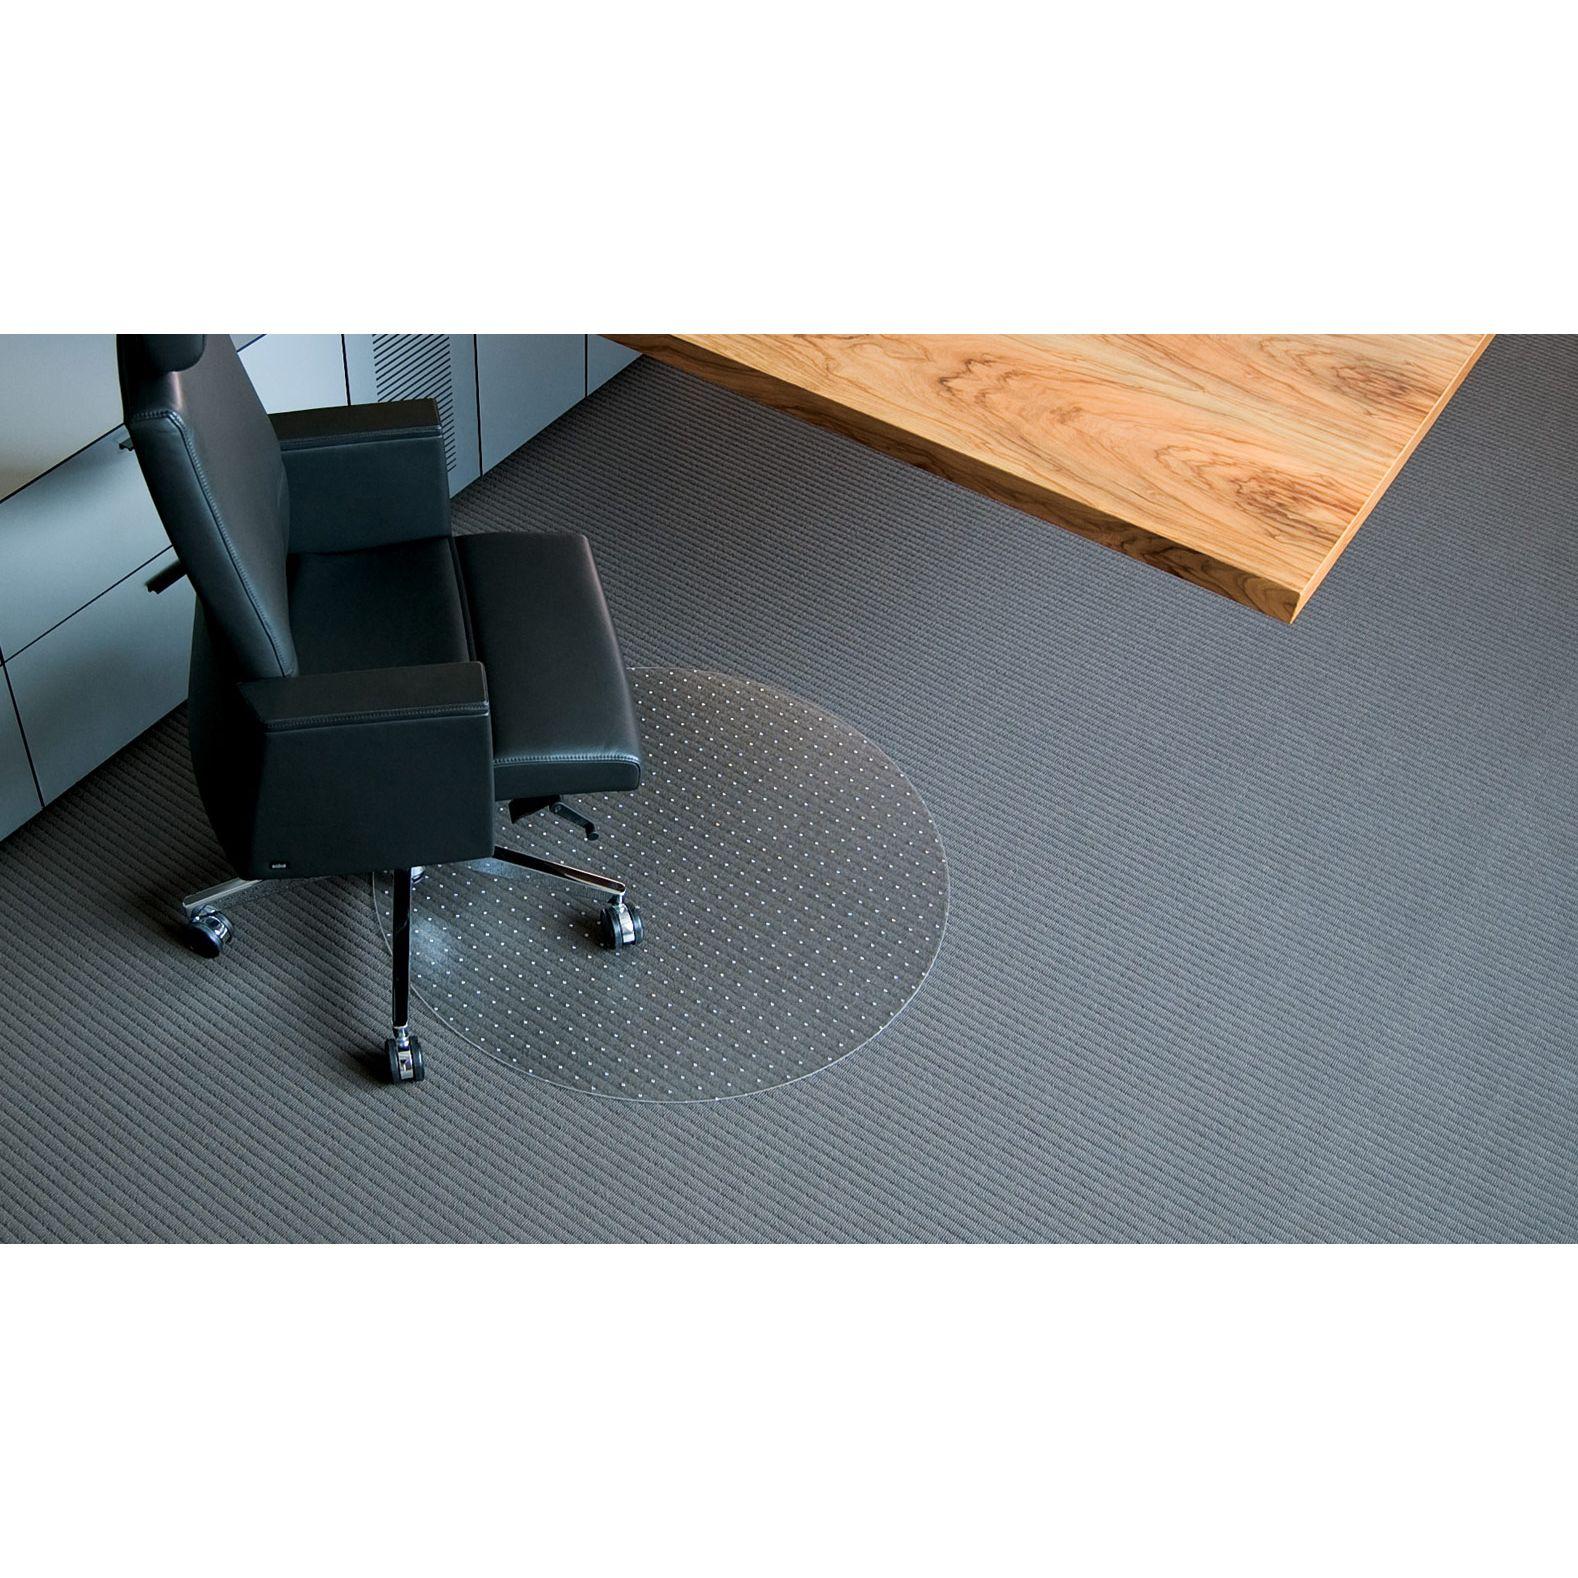 bodenschutzmatte 39 wertlegen 39 f r teppichboden. Black Bedroom Furniture Sets. Home Design Ideas